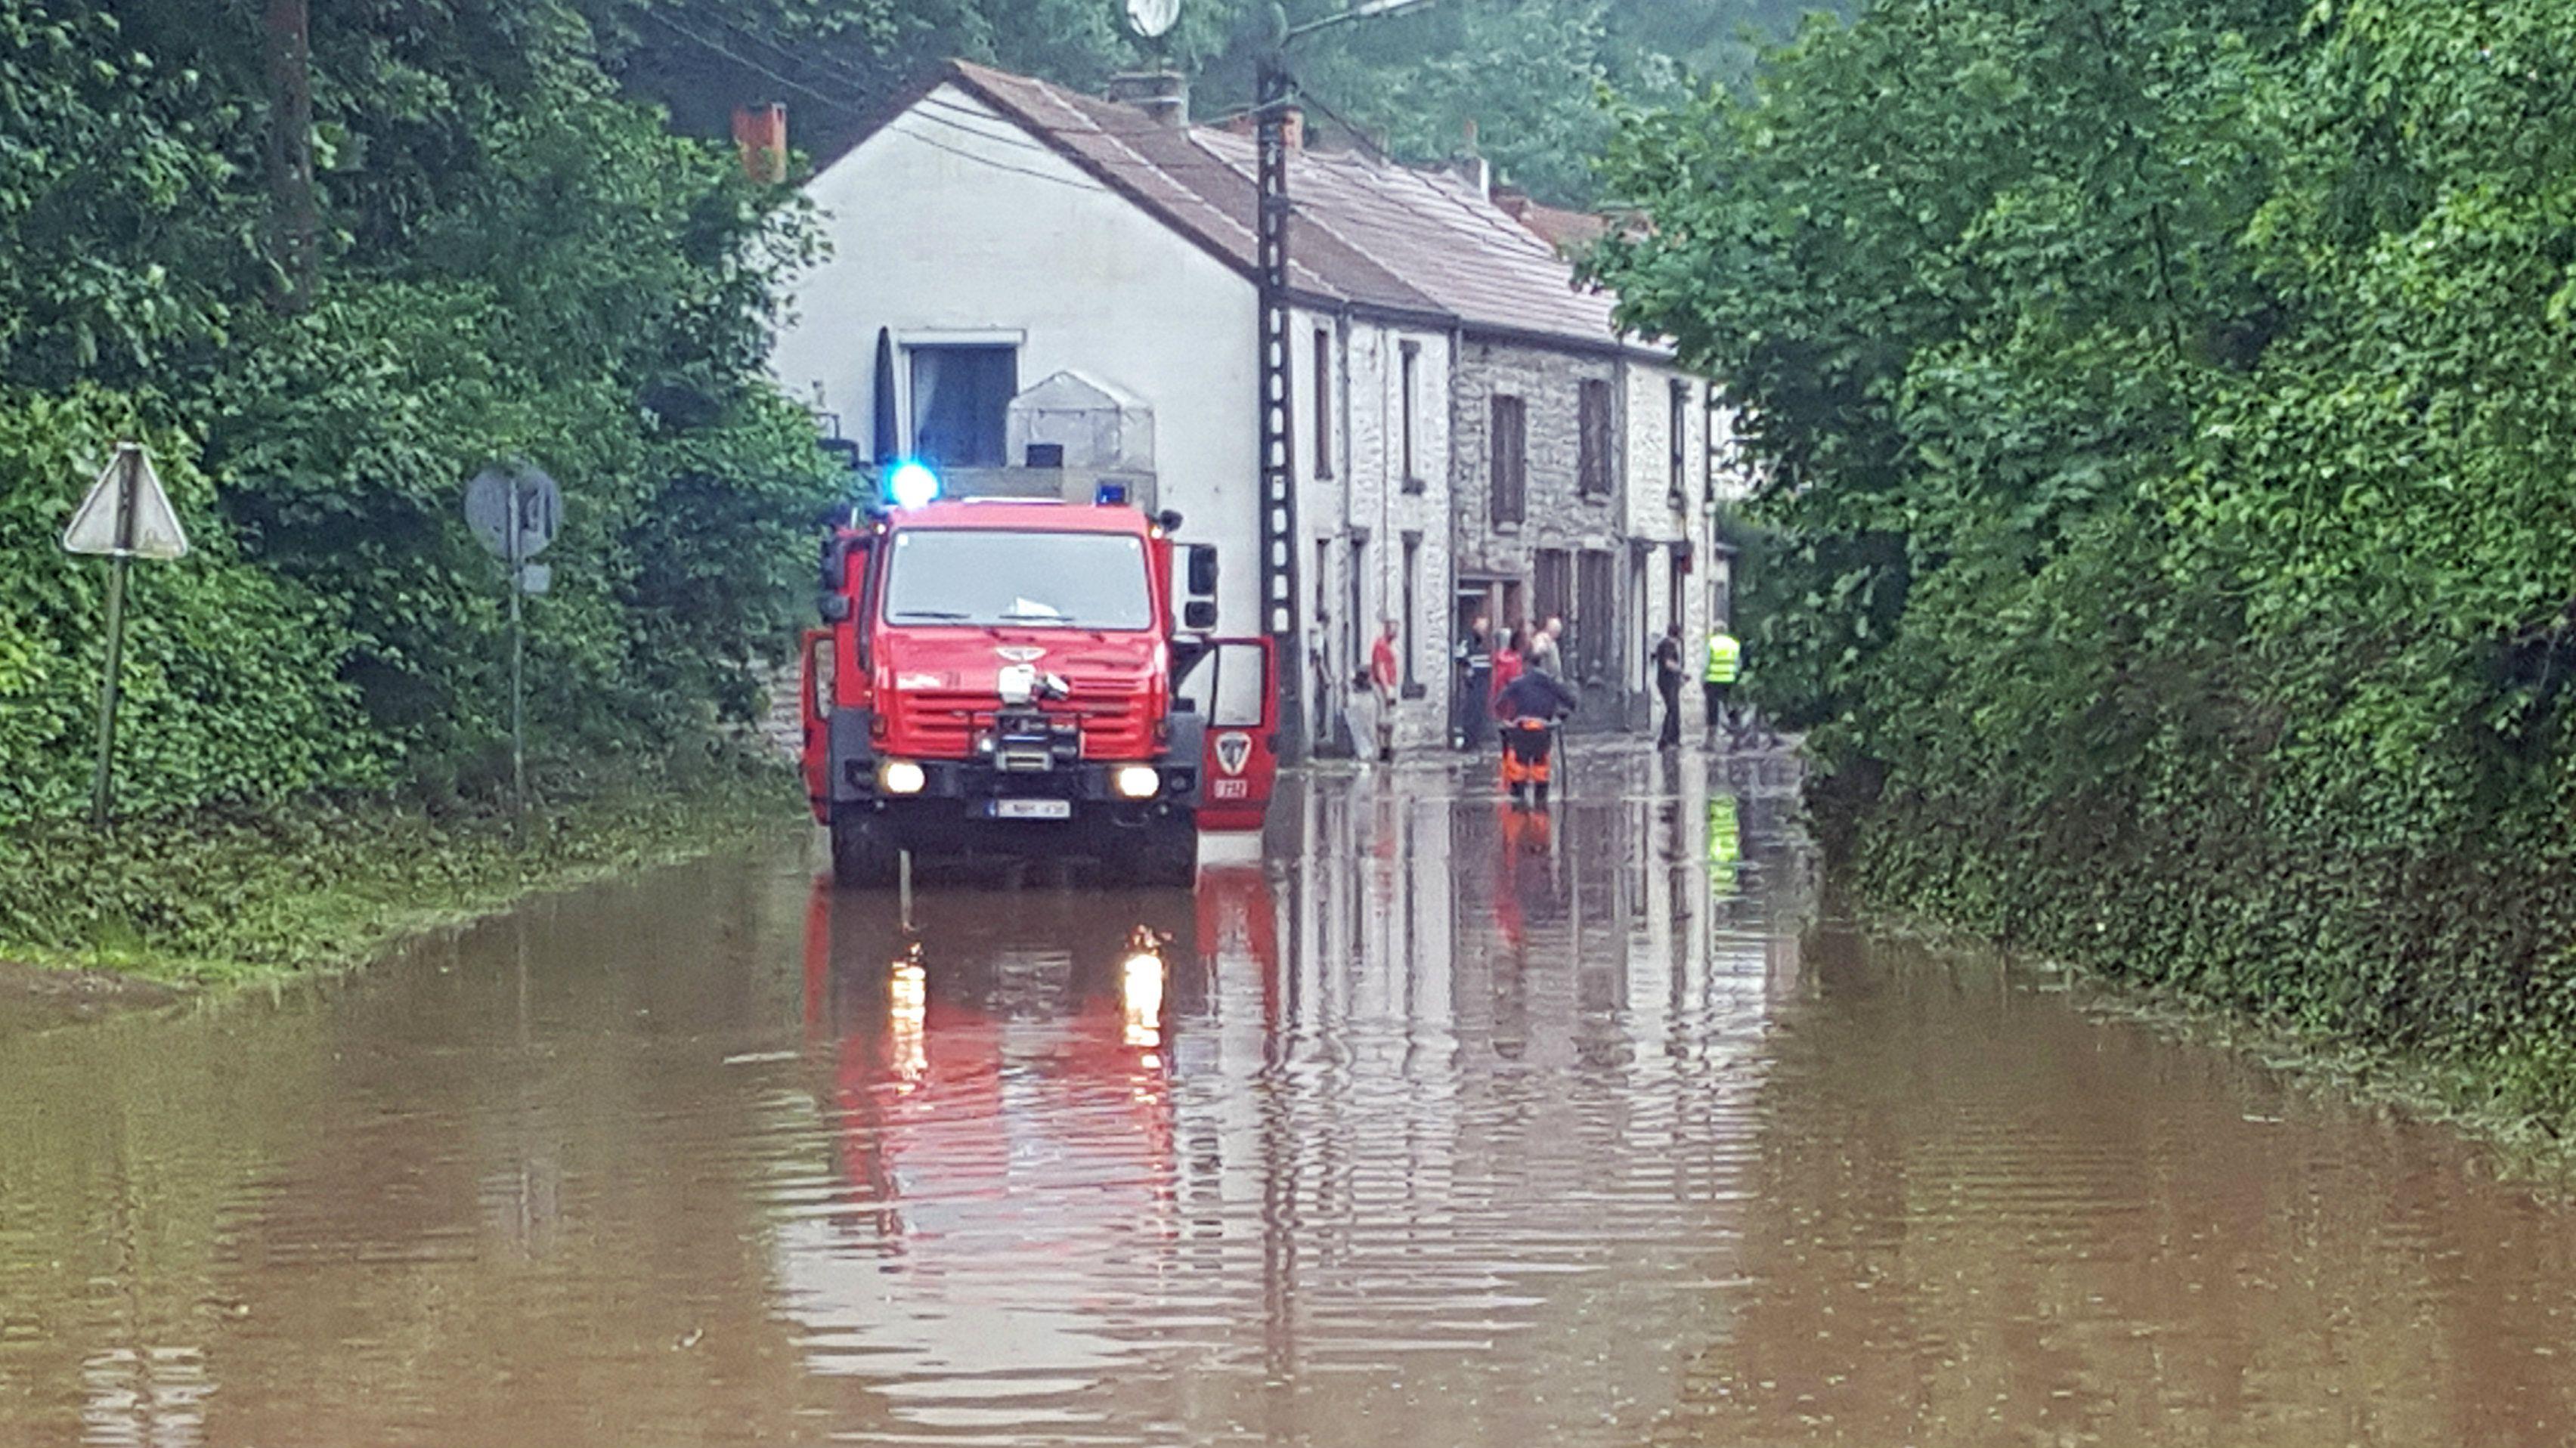 Ook vanavond trekken er opnieuw onweders boven ons land. Die gaan plaatselijk gepaard met hevige regen. In de provincie Luik is het provinciaal rampenplan afgekondigd. In Welkenraedt was een bejaarde vrouw vermist na de overstromingen. Haar levenloze lichaam werd intussen teruggevonden.